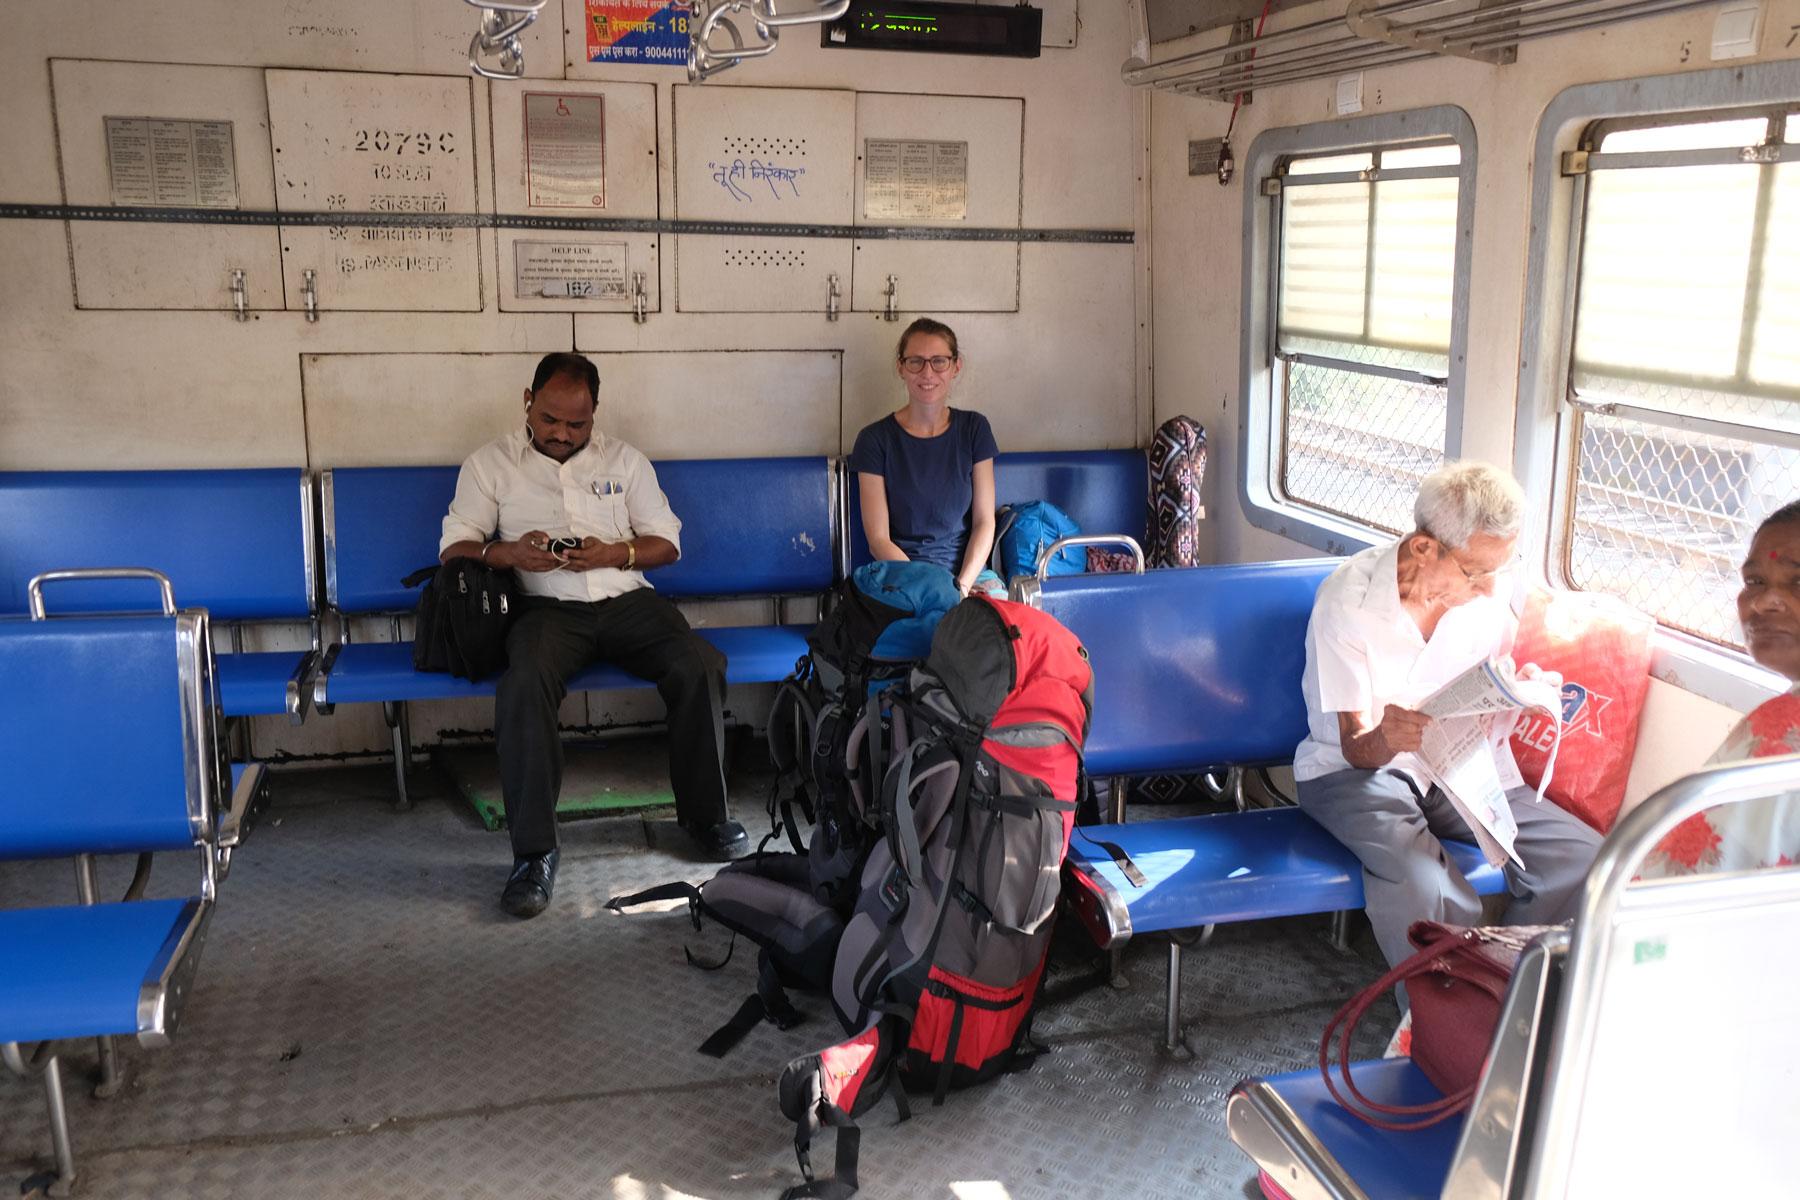 Leo und unser Gepäck in einem indischen Zug in Mumbai.